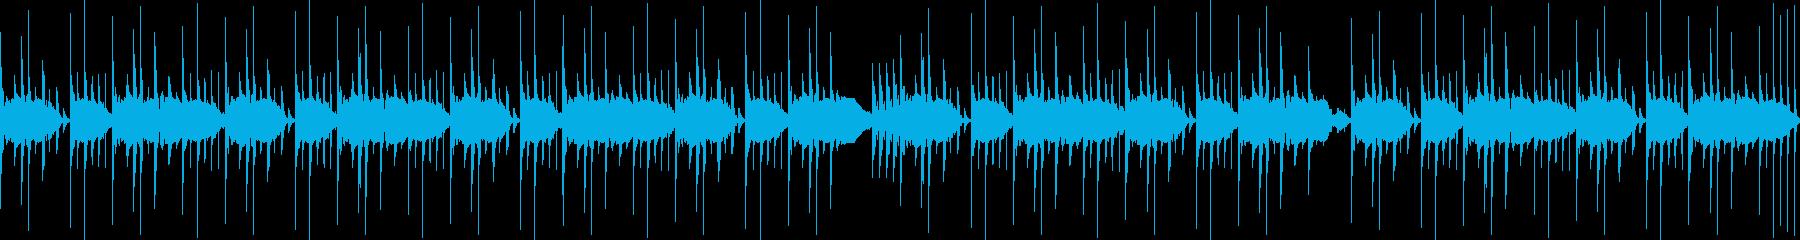 【RHYTHM】アングラ系HIPHOPの再生済みの波形